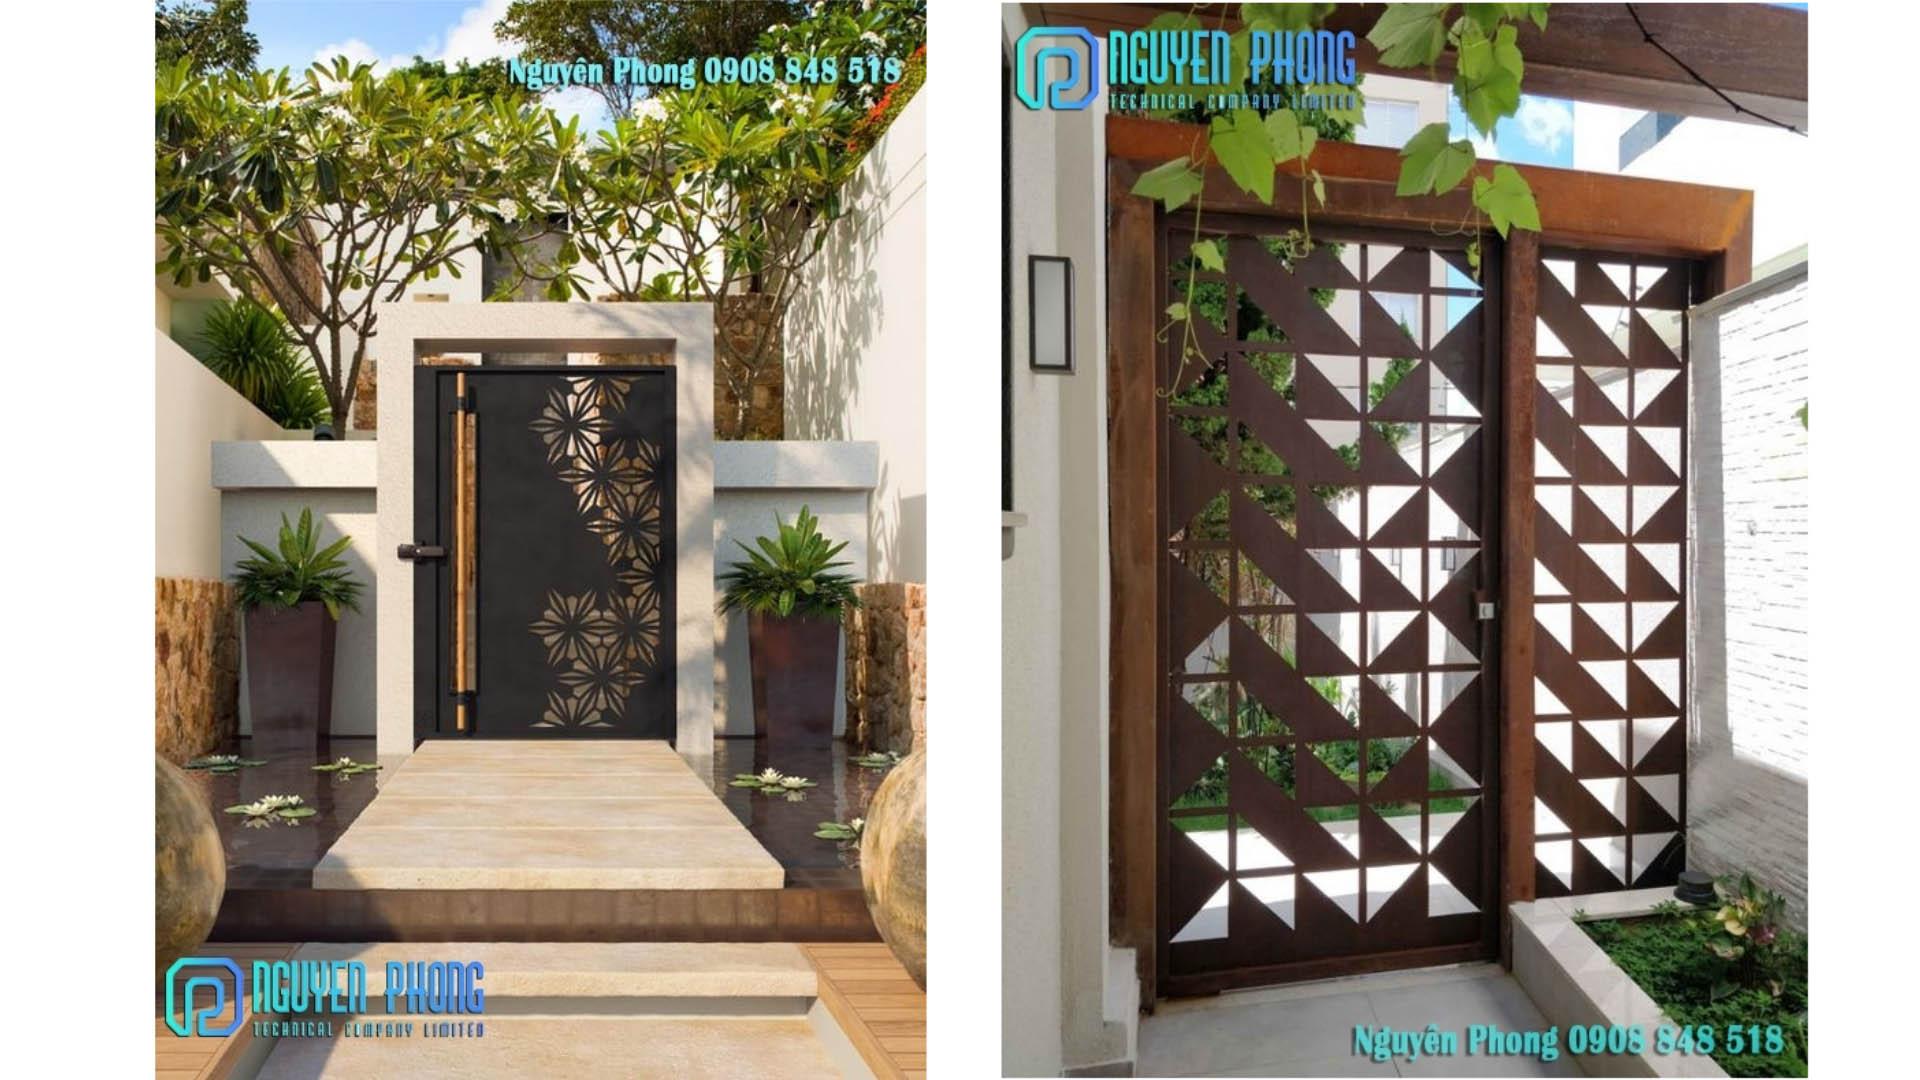 https://nguyenphongcnc.com/assets/images/gallery/Thiet-ke-gia-cong-thi-cong-cong-sat-cnc-dep-hien-dai-nha-pho-villa-1.jpg